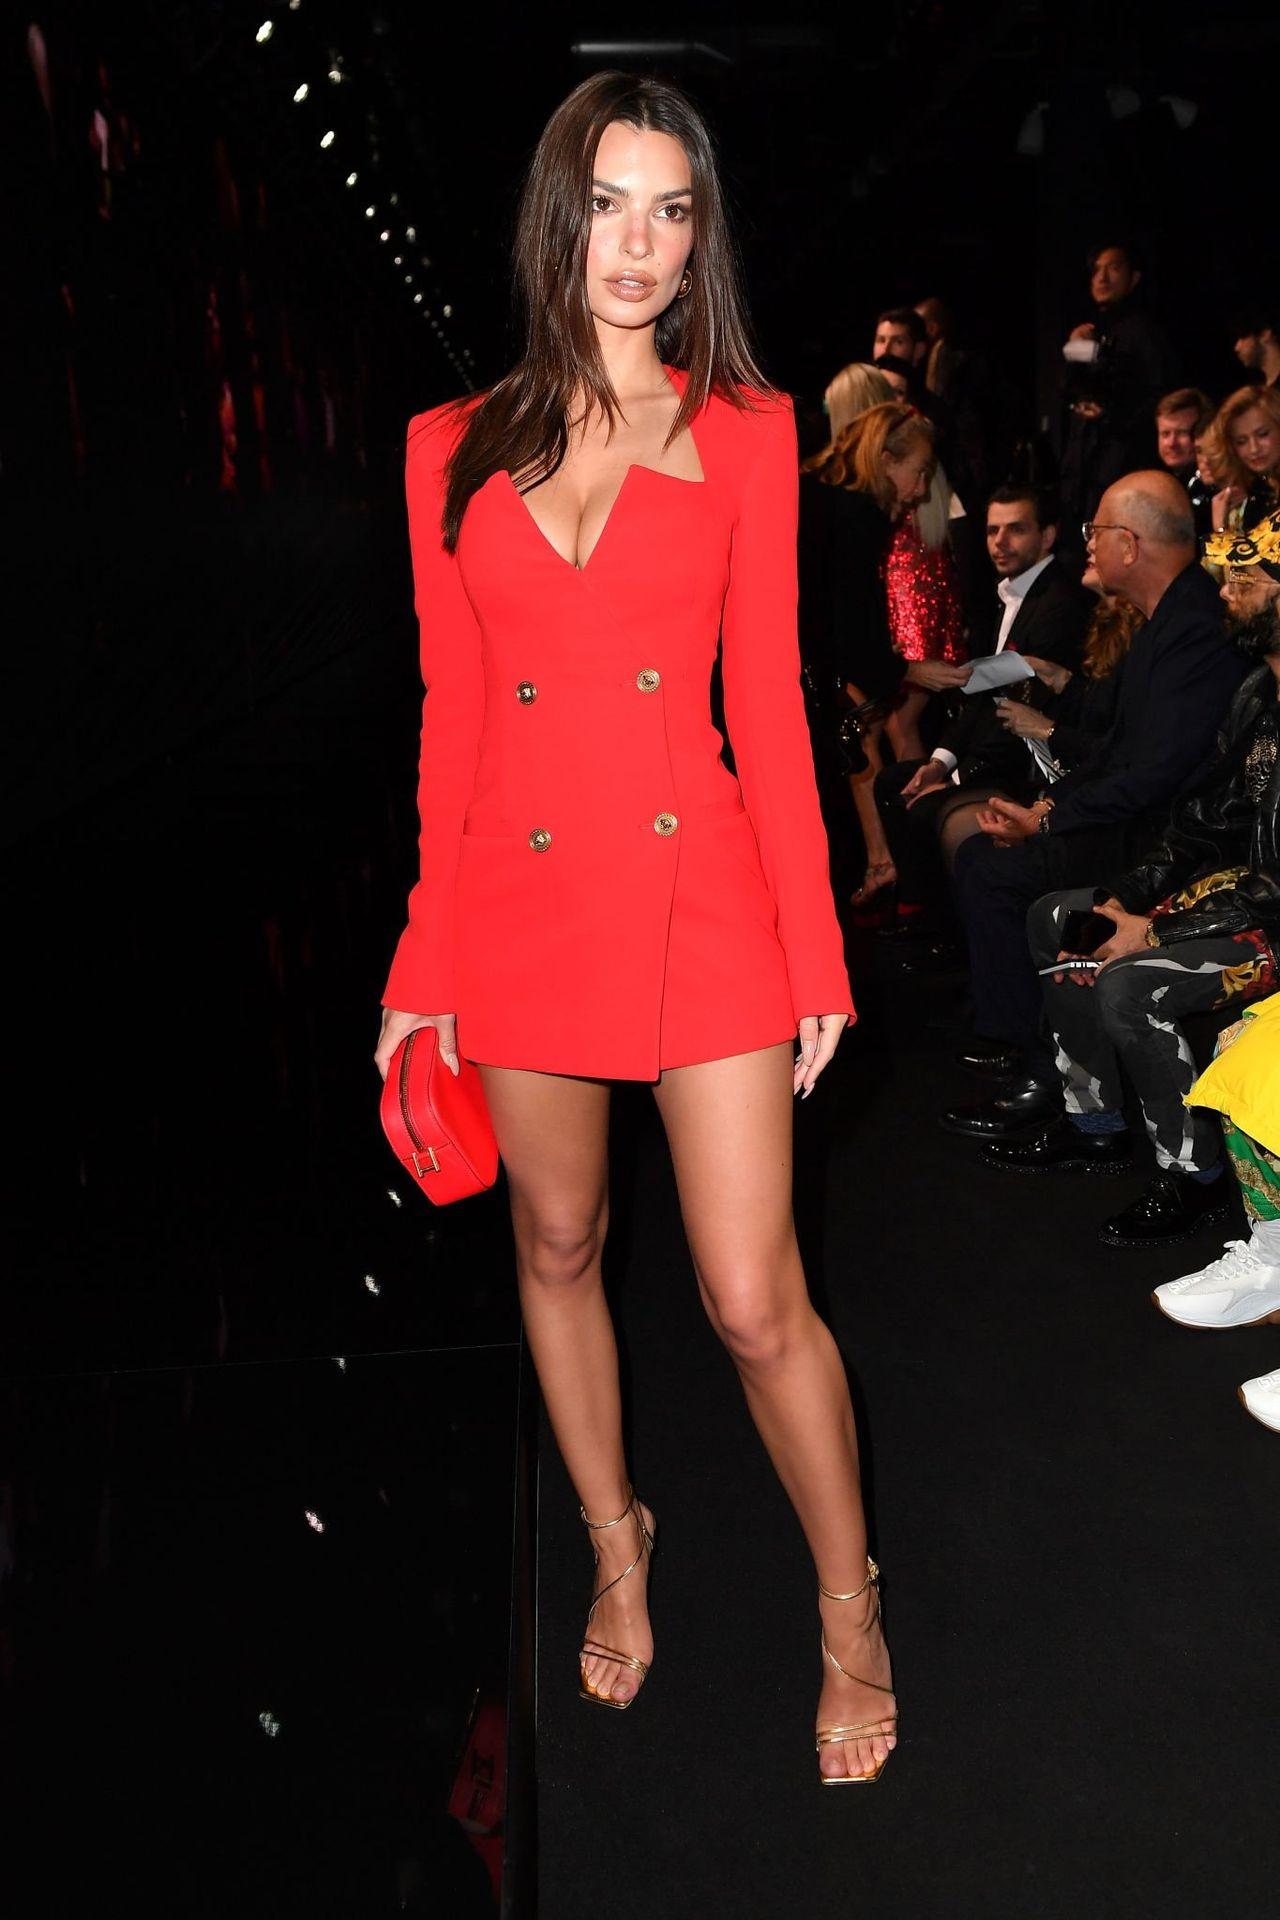 Emily Ratajkowski Stuns At The Versace Fashion Show During Milan Fashion Week 0028